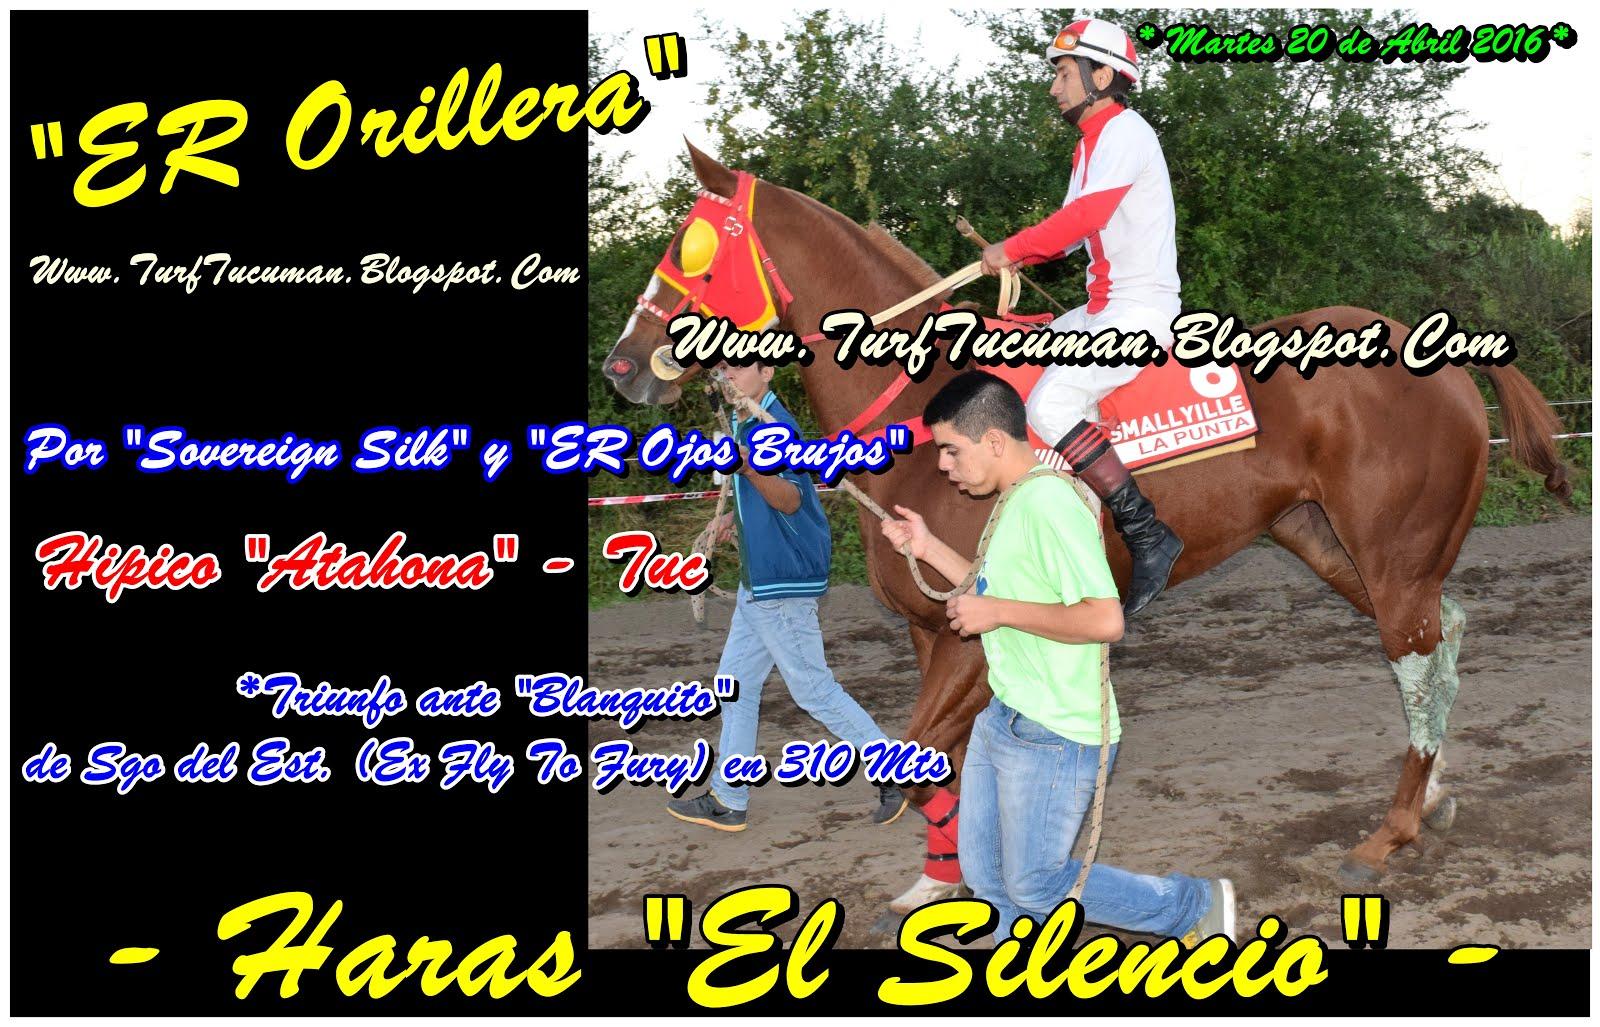 ER ORILLERA - martes 26